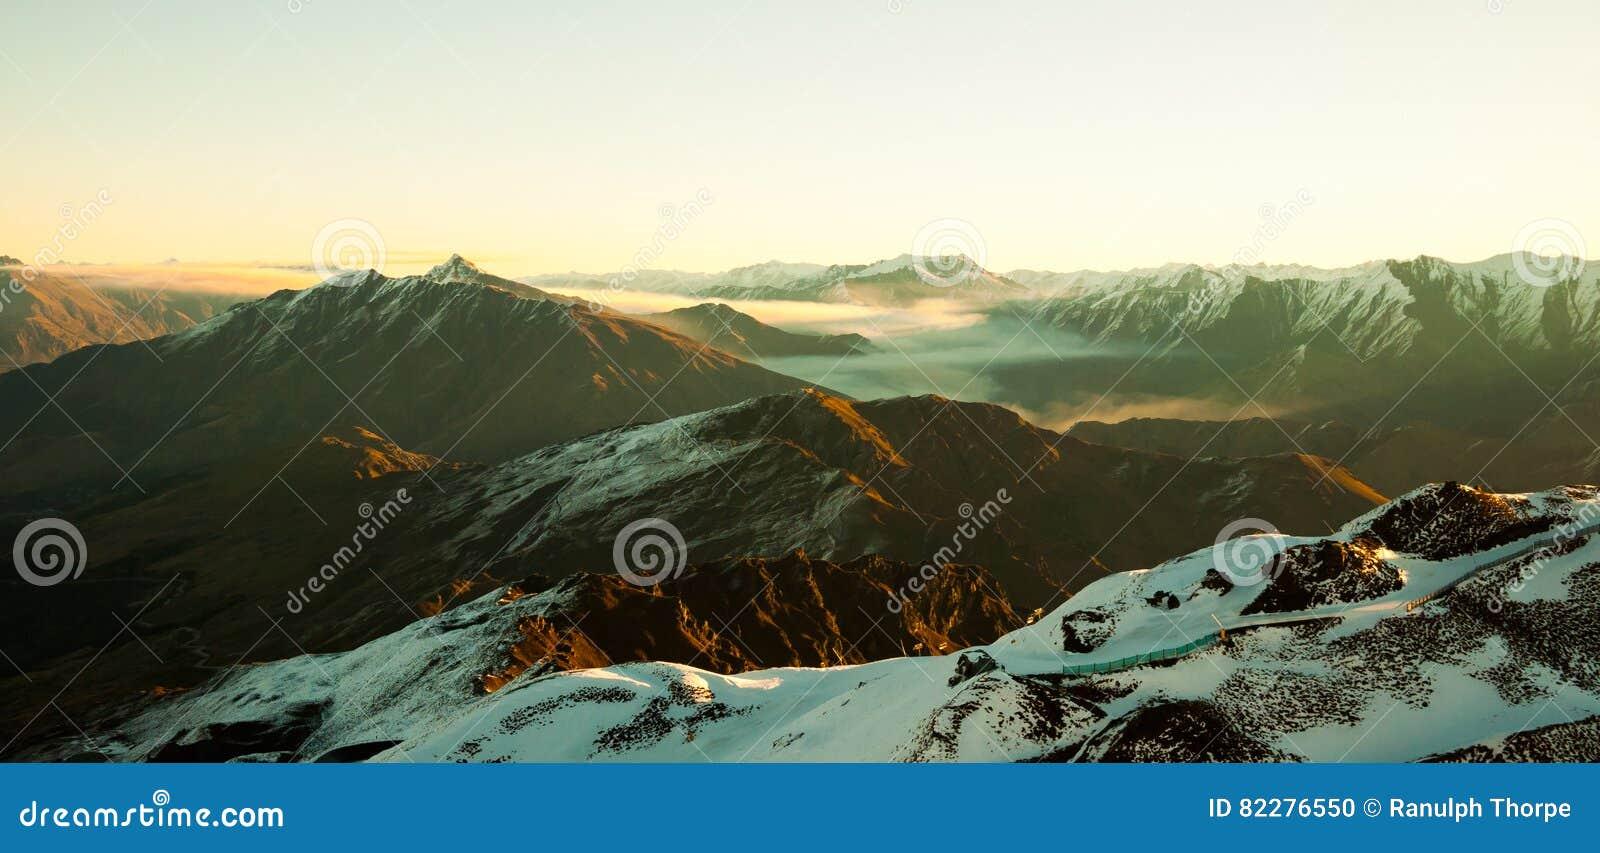 Mystische Landschaft mit Bergen und Schnee